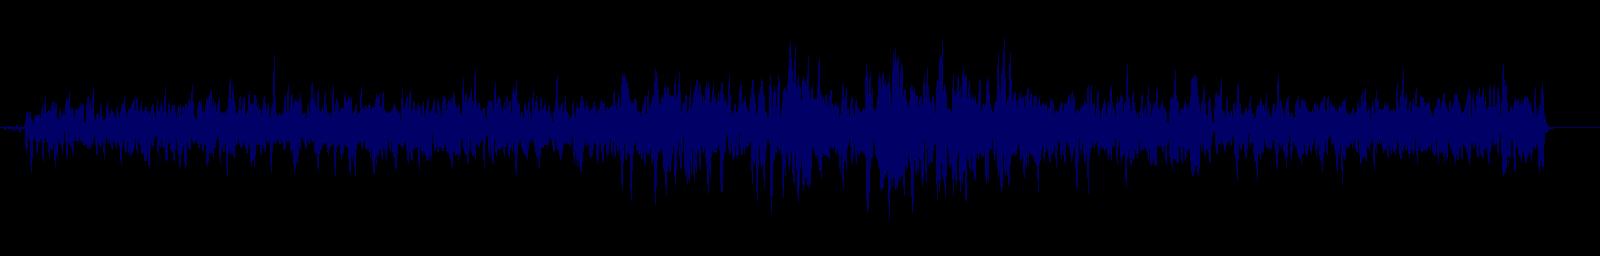 waveform of track #140132